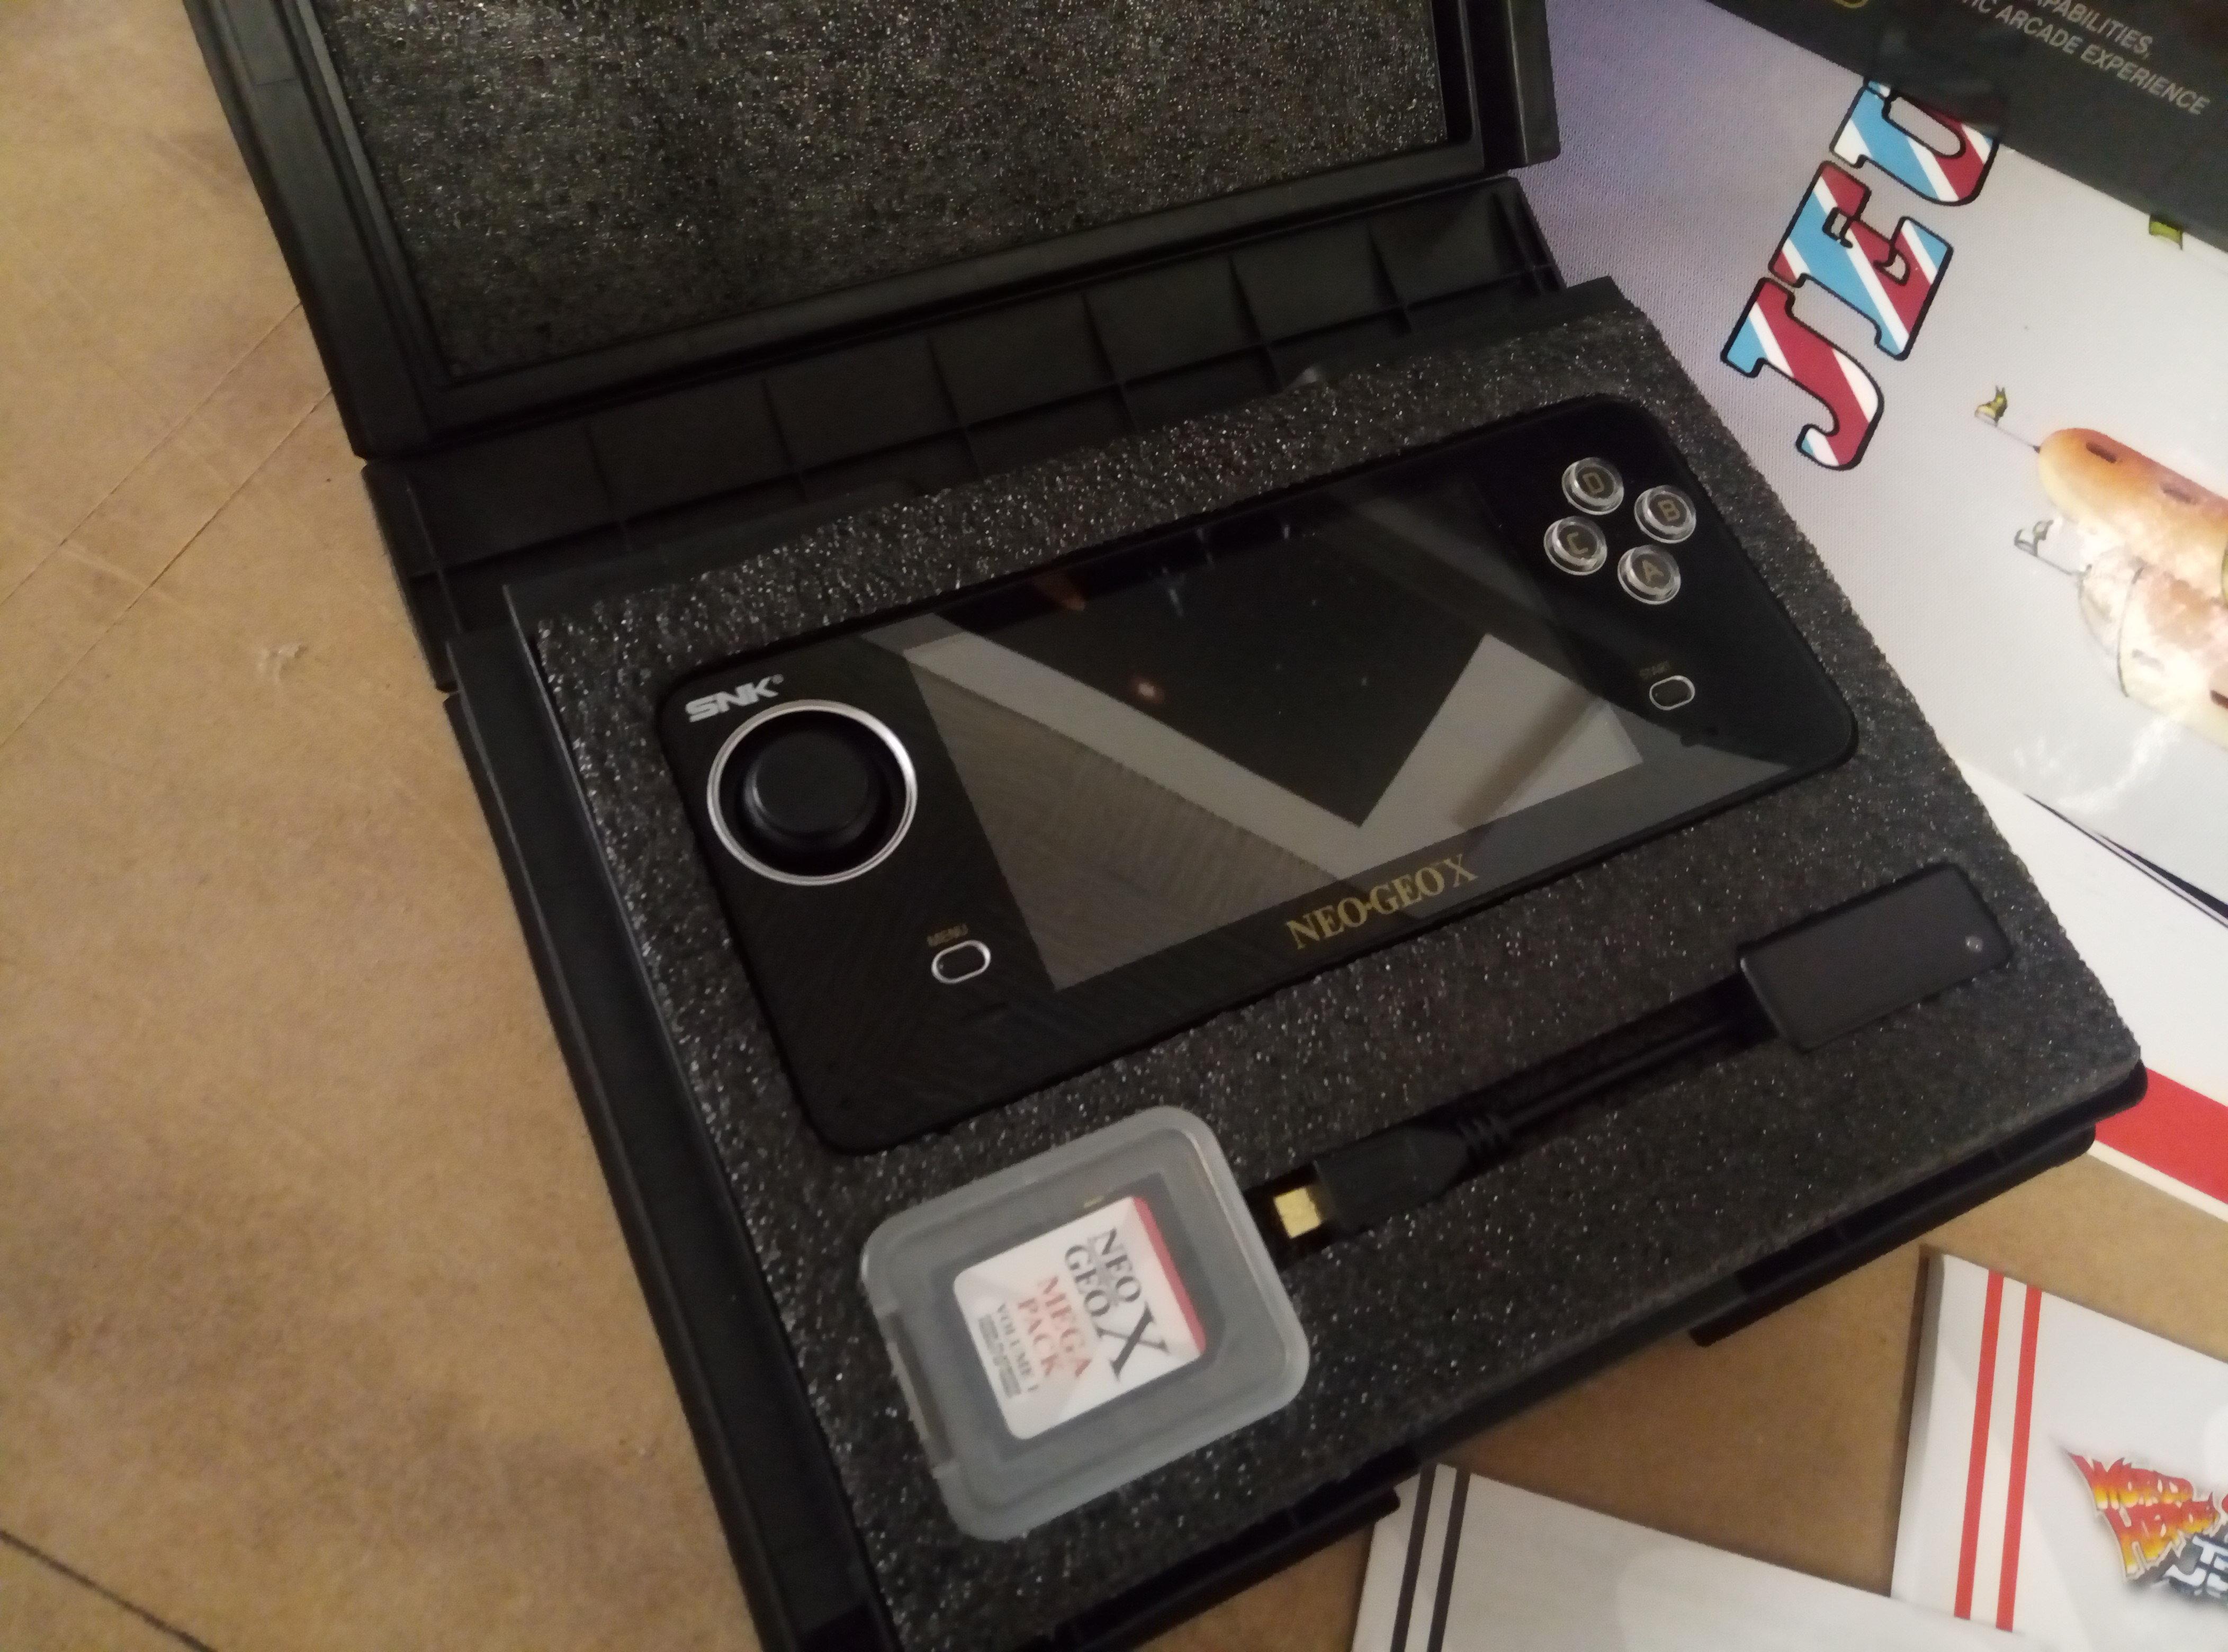 [VENDU] NeoGeo Pocket + NeoGeo X + Flashmasta le tout en box + GameCube 19041806035024754